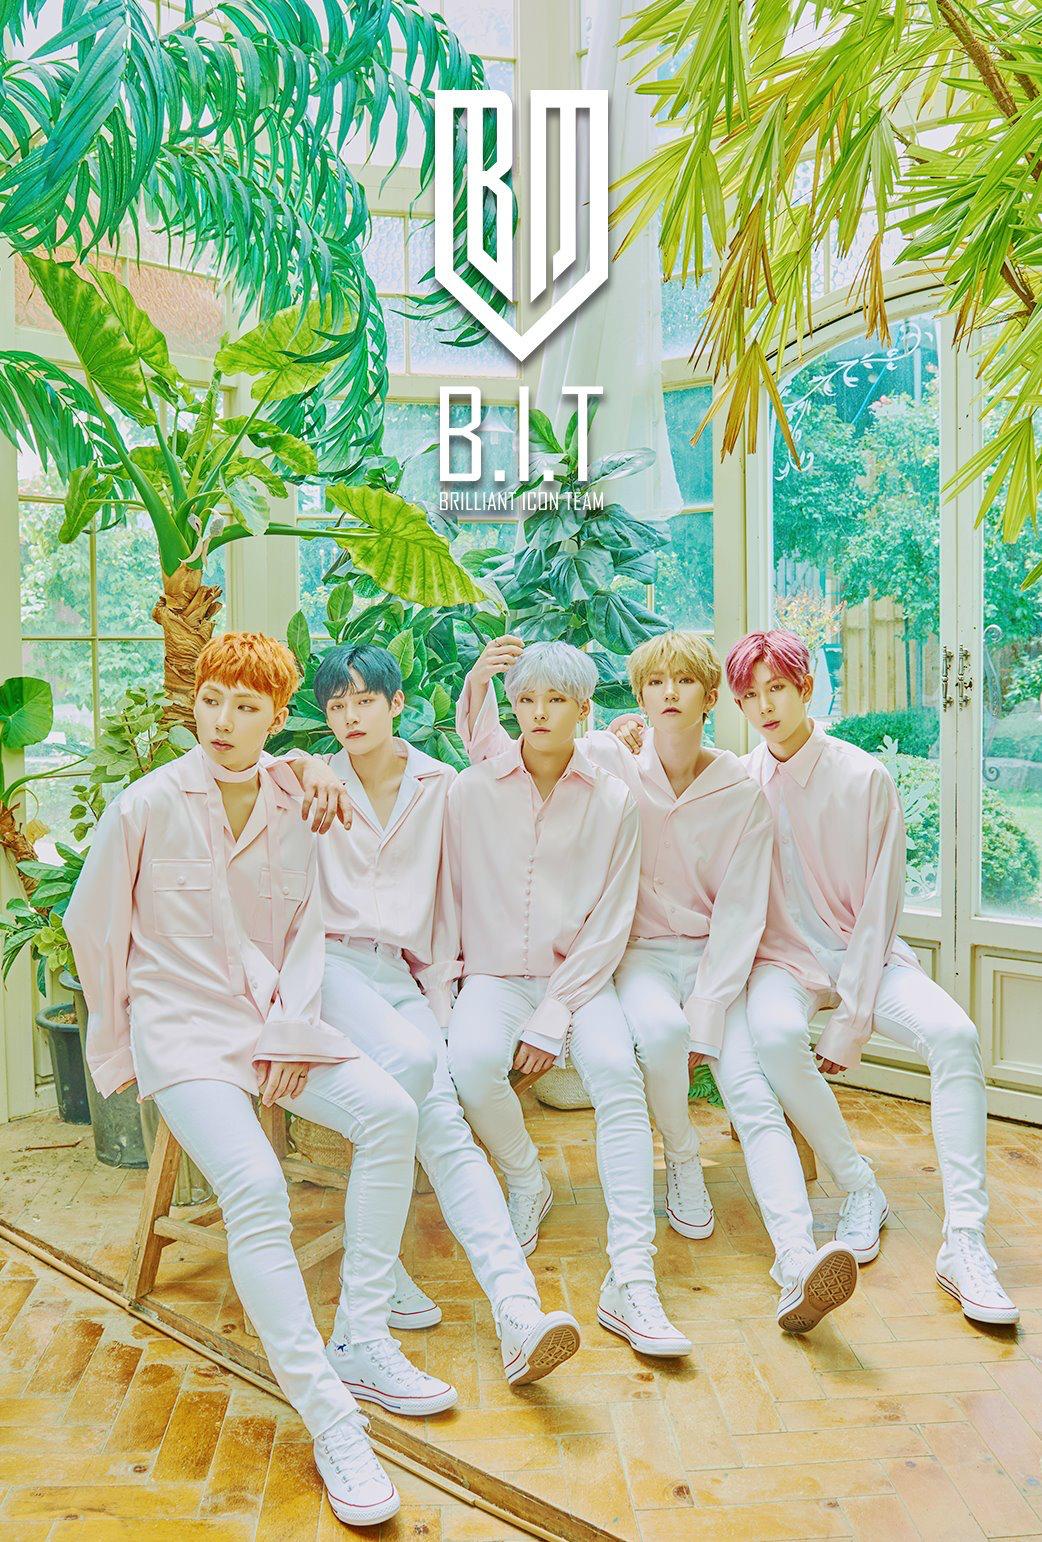 B.I.T (2019 group)